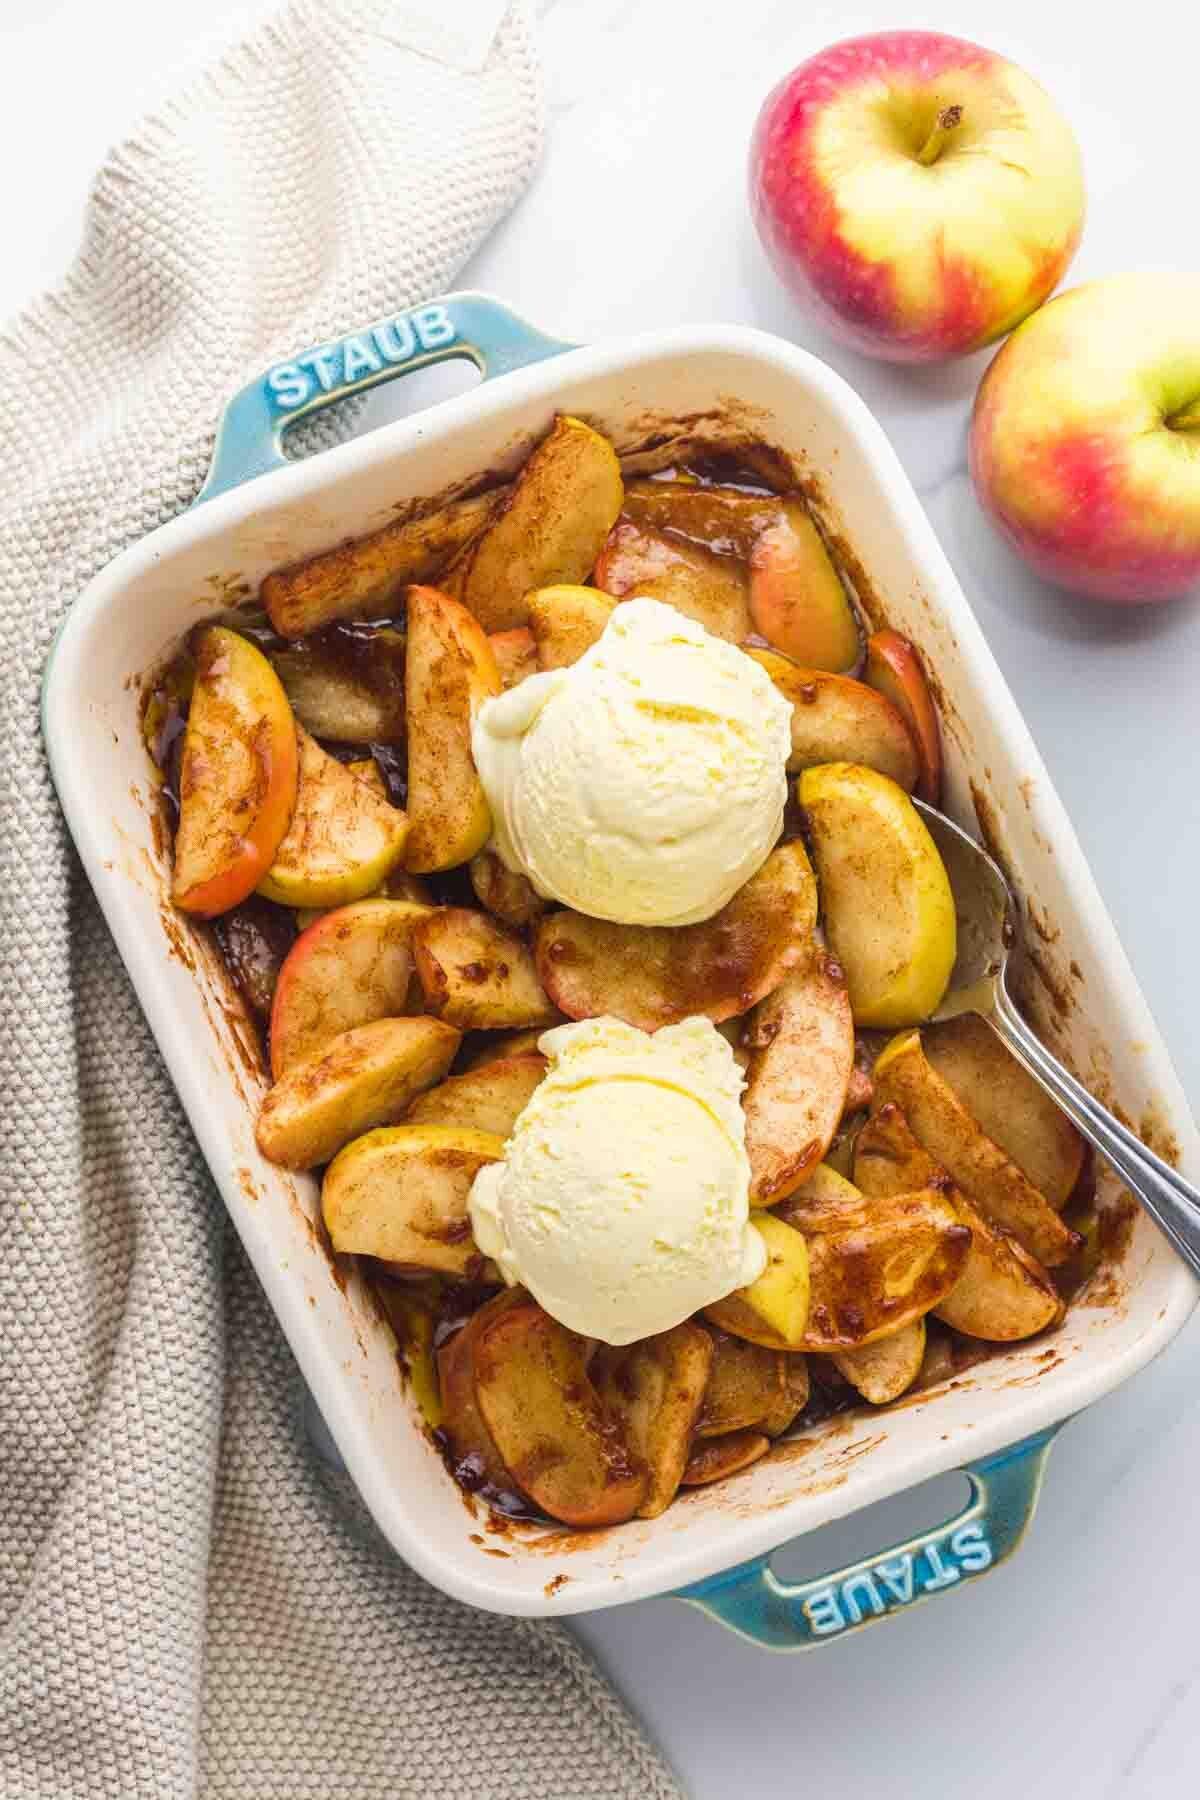 Baked-Apple-Slices-15.jpg